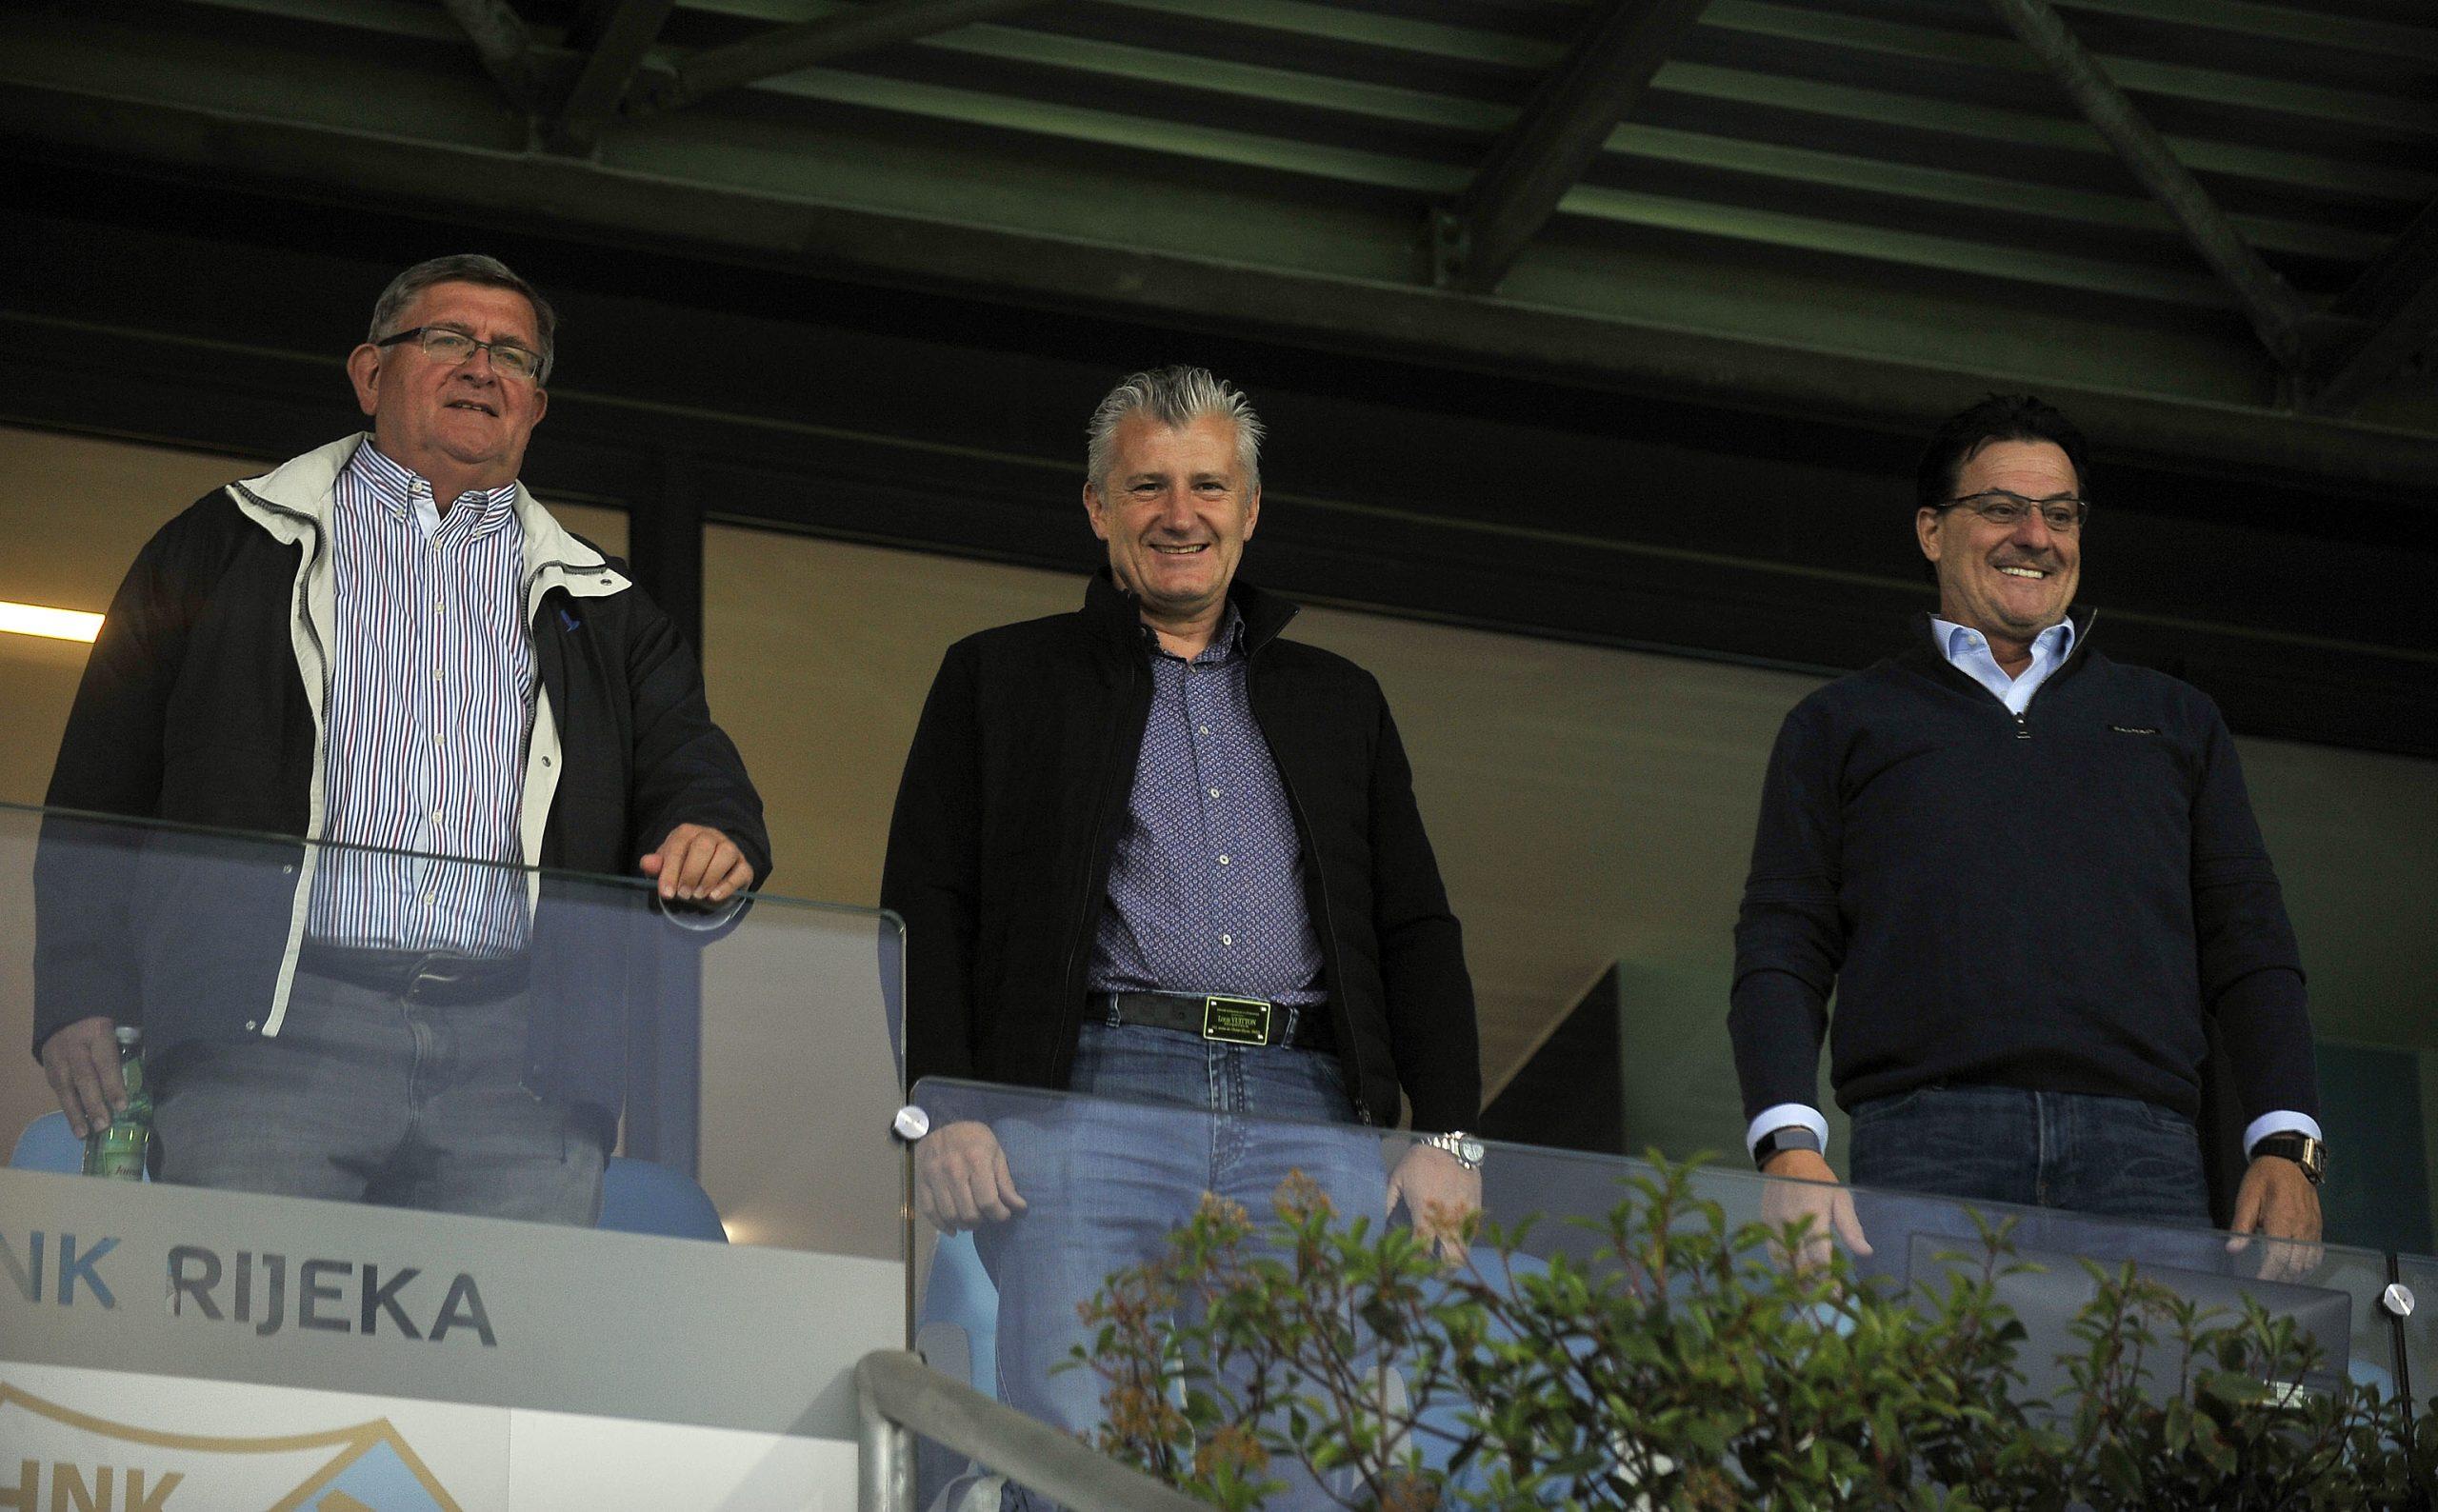 Vojko Obersnel, Davor Šuker i Damir Mišković/R. BRMALJ